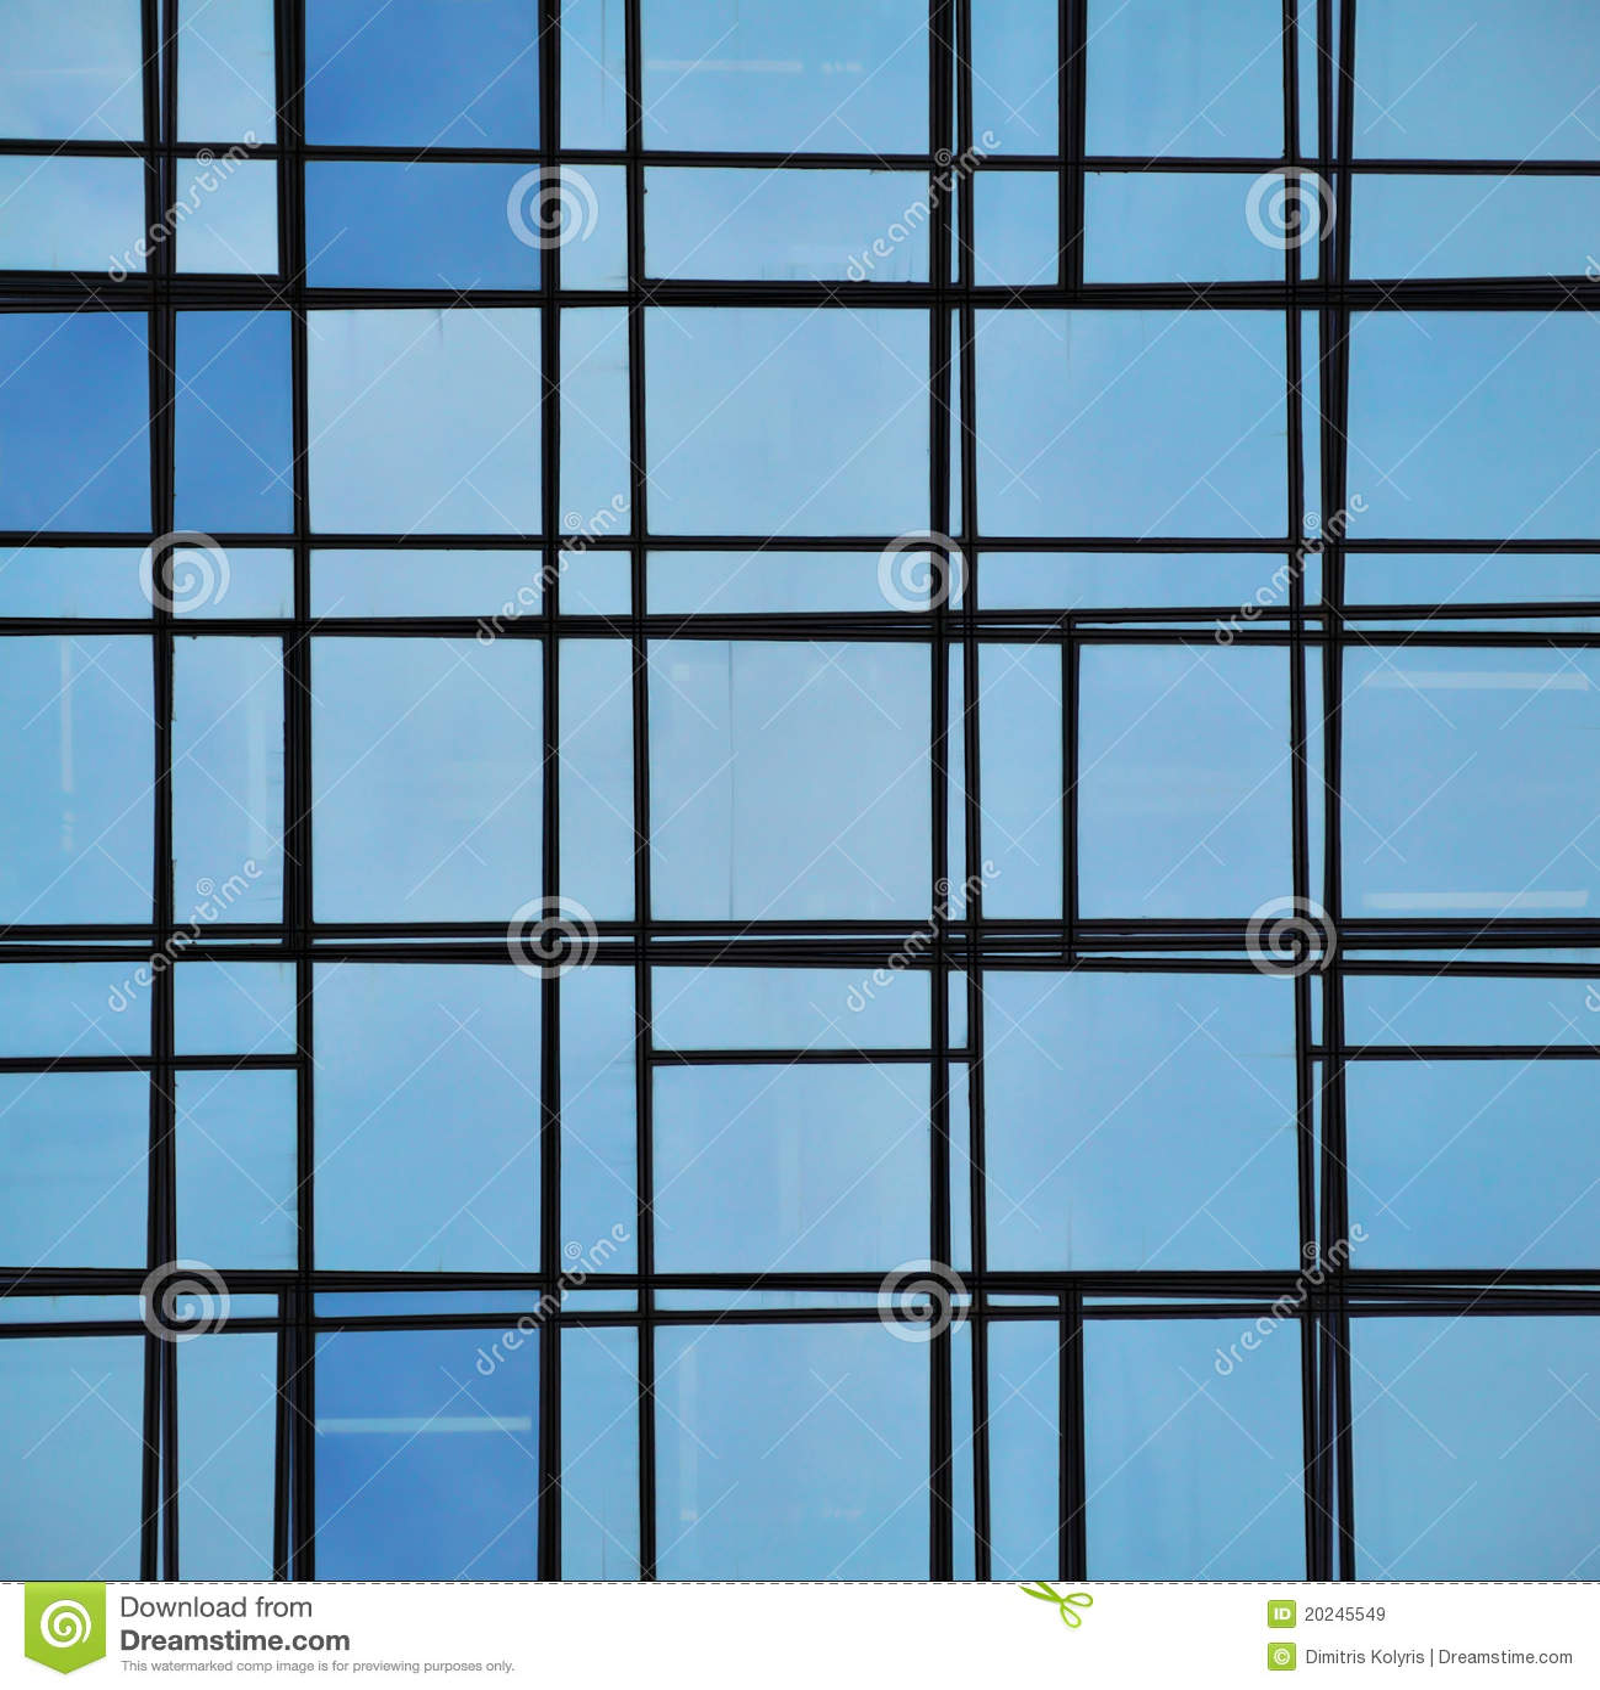 L neas abstractas de la fachada y reflexi n de cristal - Fachada de cristal ...